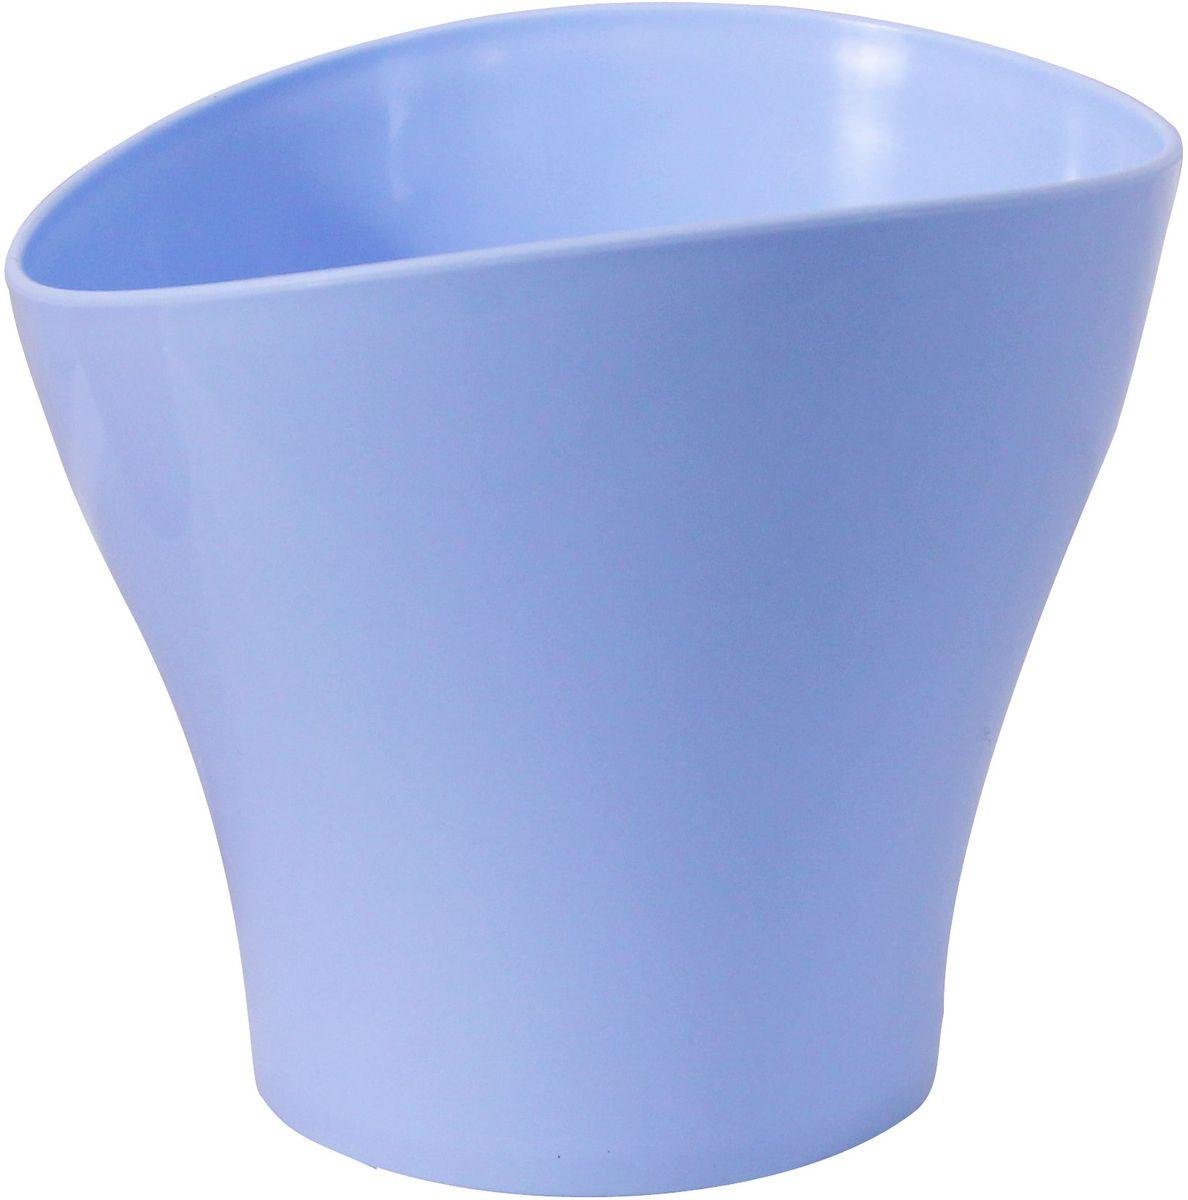 Кашпо Idea Волна, цвет: голубой, 1,6 л531-326Кашпо Idea Волна изготовлено из прочного полипропилена (пластика) и предназначено для выращивания растений, цветов и трав в домашних условиях. Такое кашпо порадует вас функциональностью, а благодаря лаконичному дизайну впишется в любой интерьер помещения. Объем кашпо: 1,6 л.